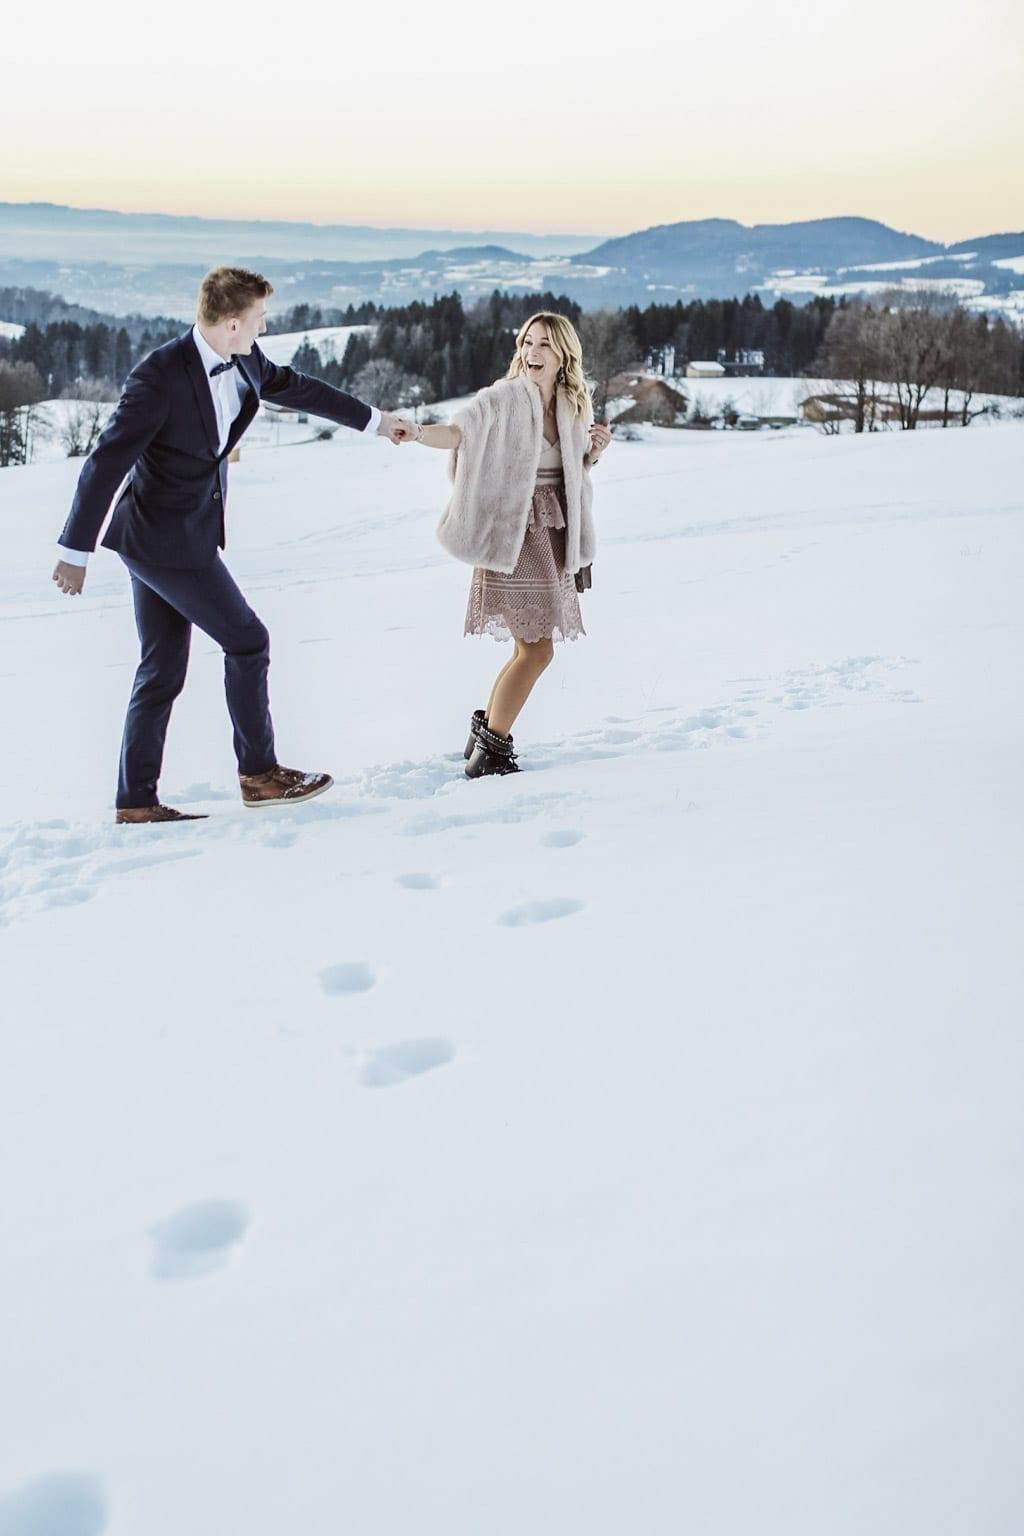 Georg Teigl und Karin Kaswurm laufen lachend durch den Schnee